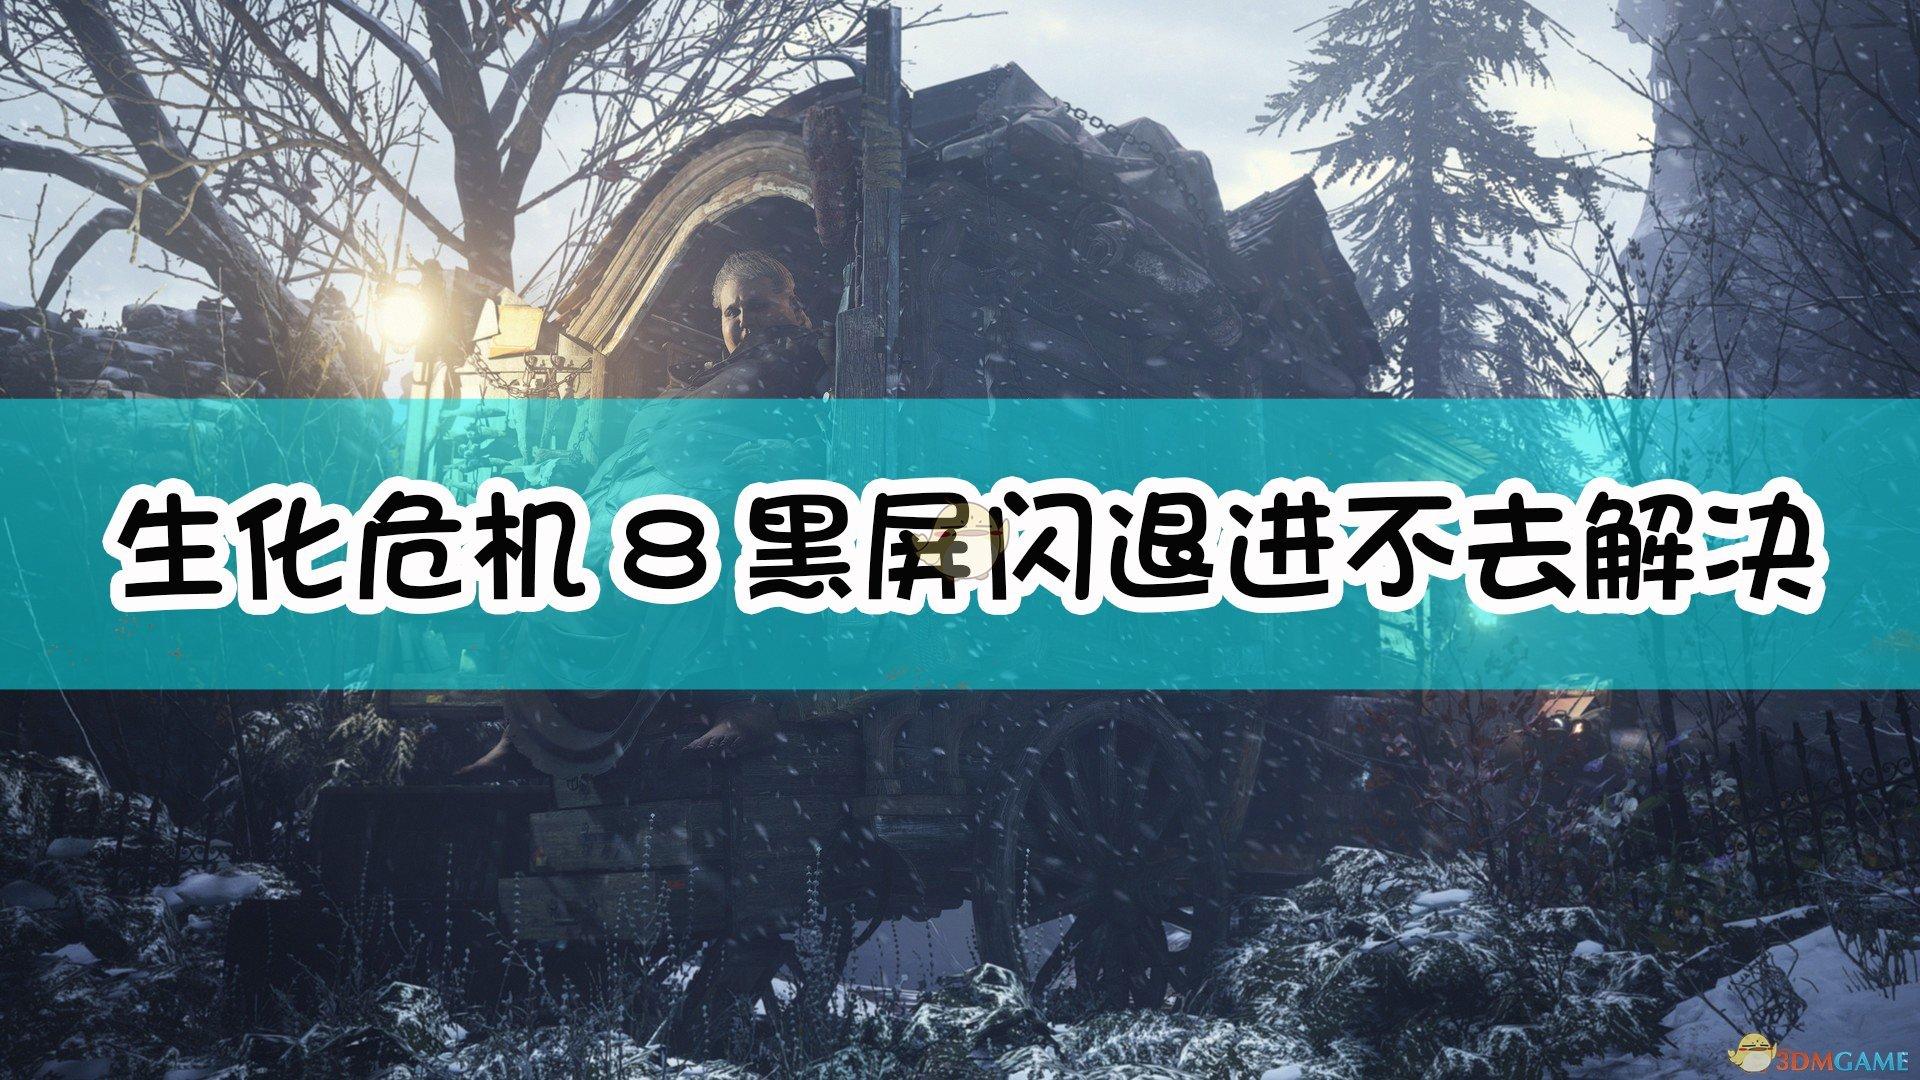 《生化危机8:村庄》黑屏闪退进不去解决方法介绍